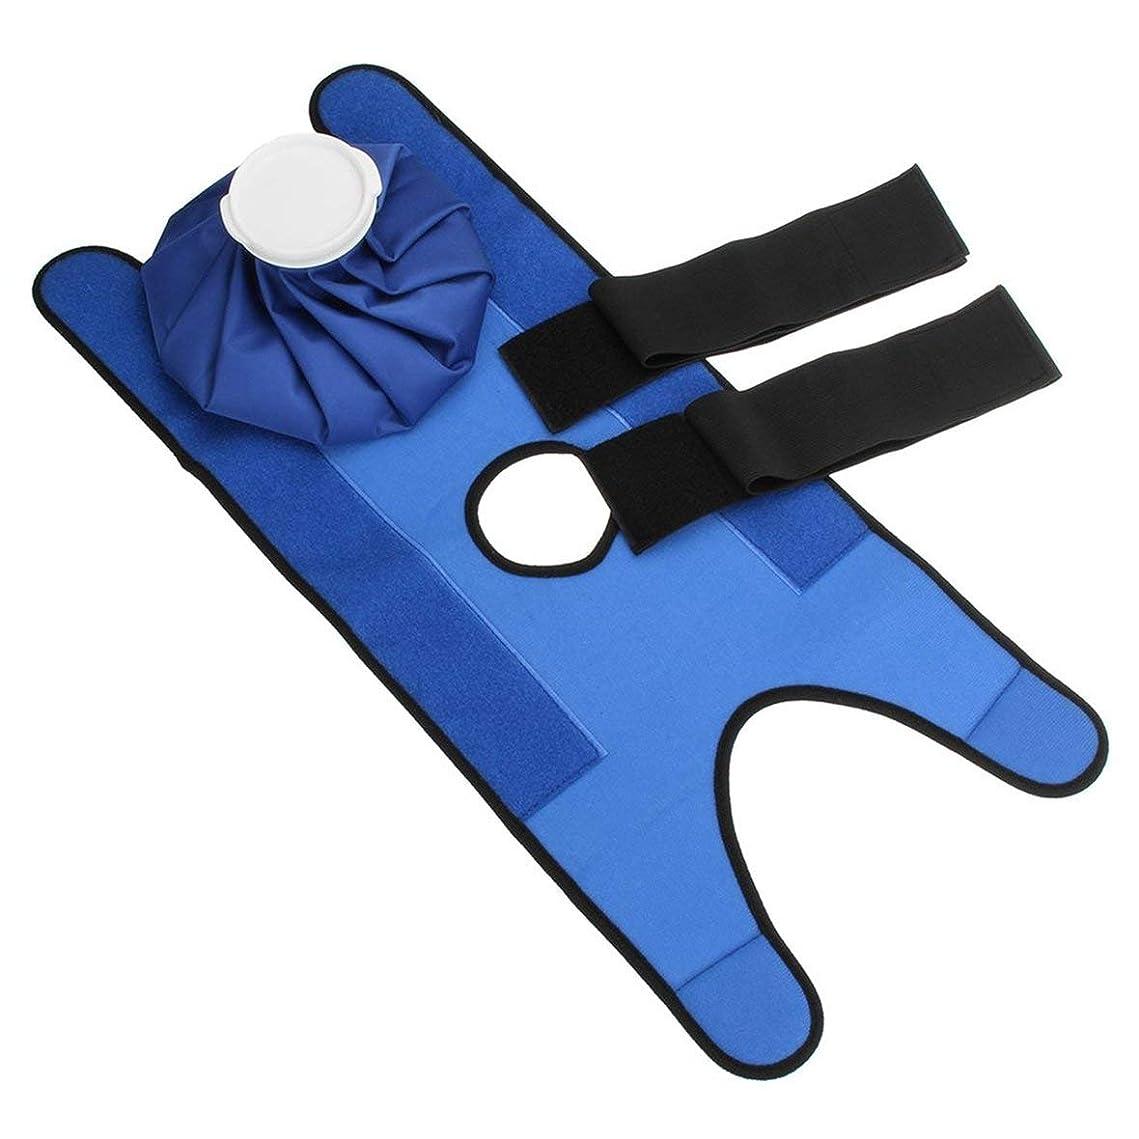 病者陸軍採用するBlackfell 小型サイズの再使用可能なヘルスケアの膝の頭部の足の筋肉スポーツ傷害の軽減の痛みのアイスバッグ包帯が付いている無毒なアイスパック